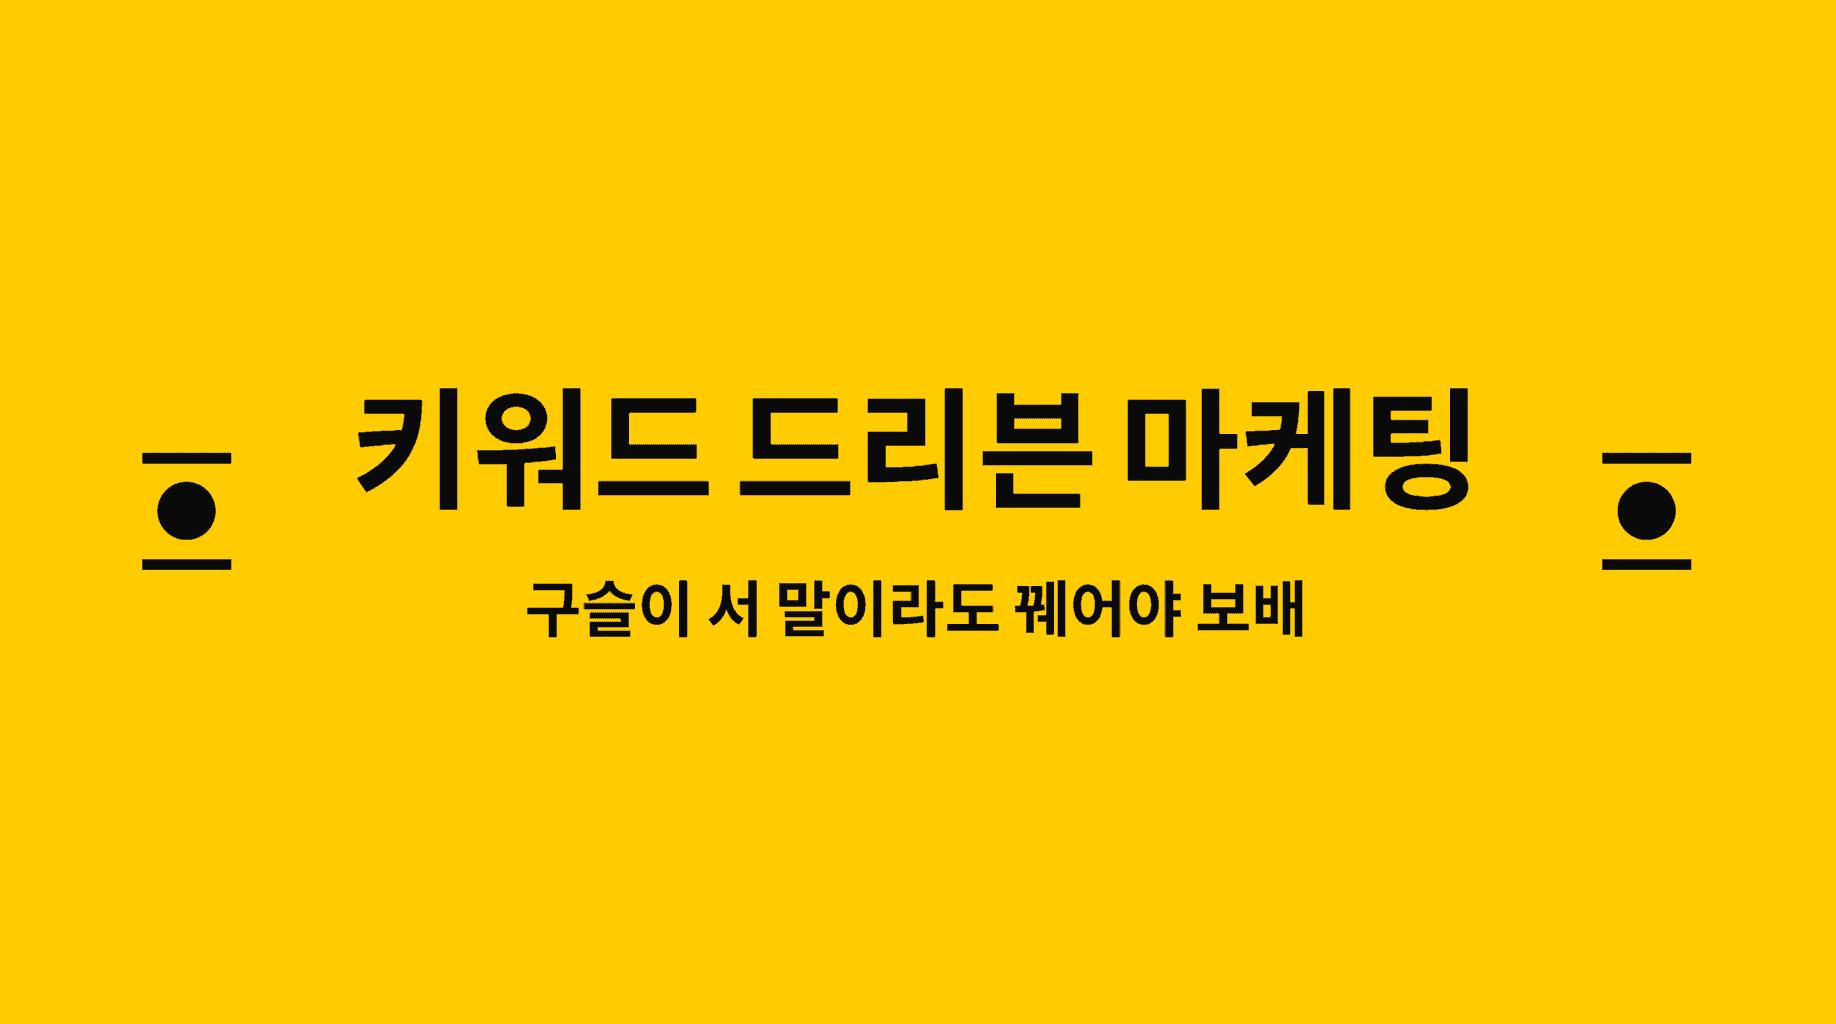 키워드 드리븐 마케팅